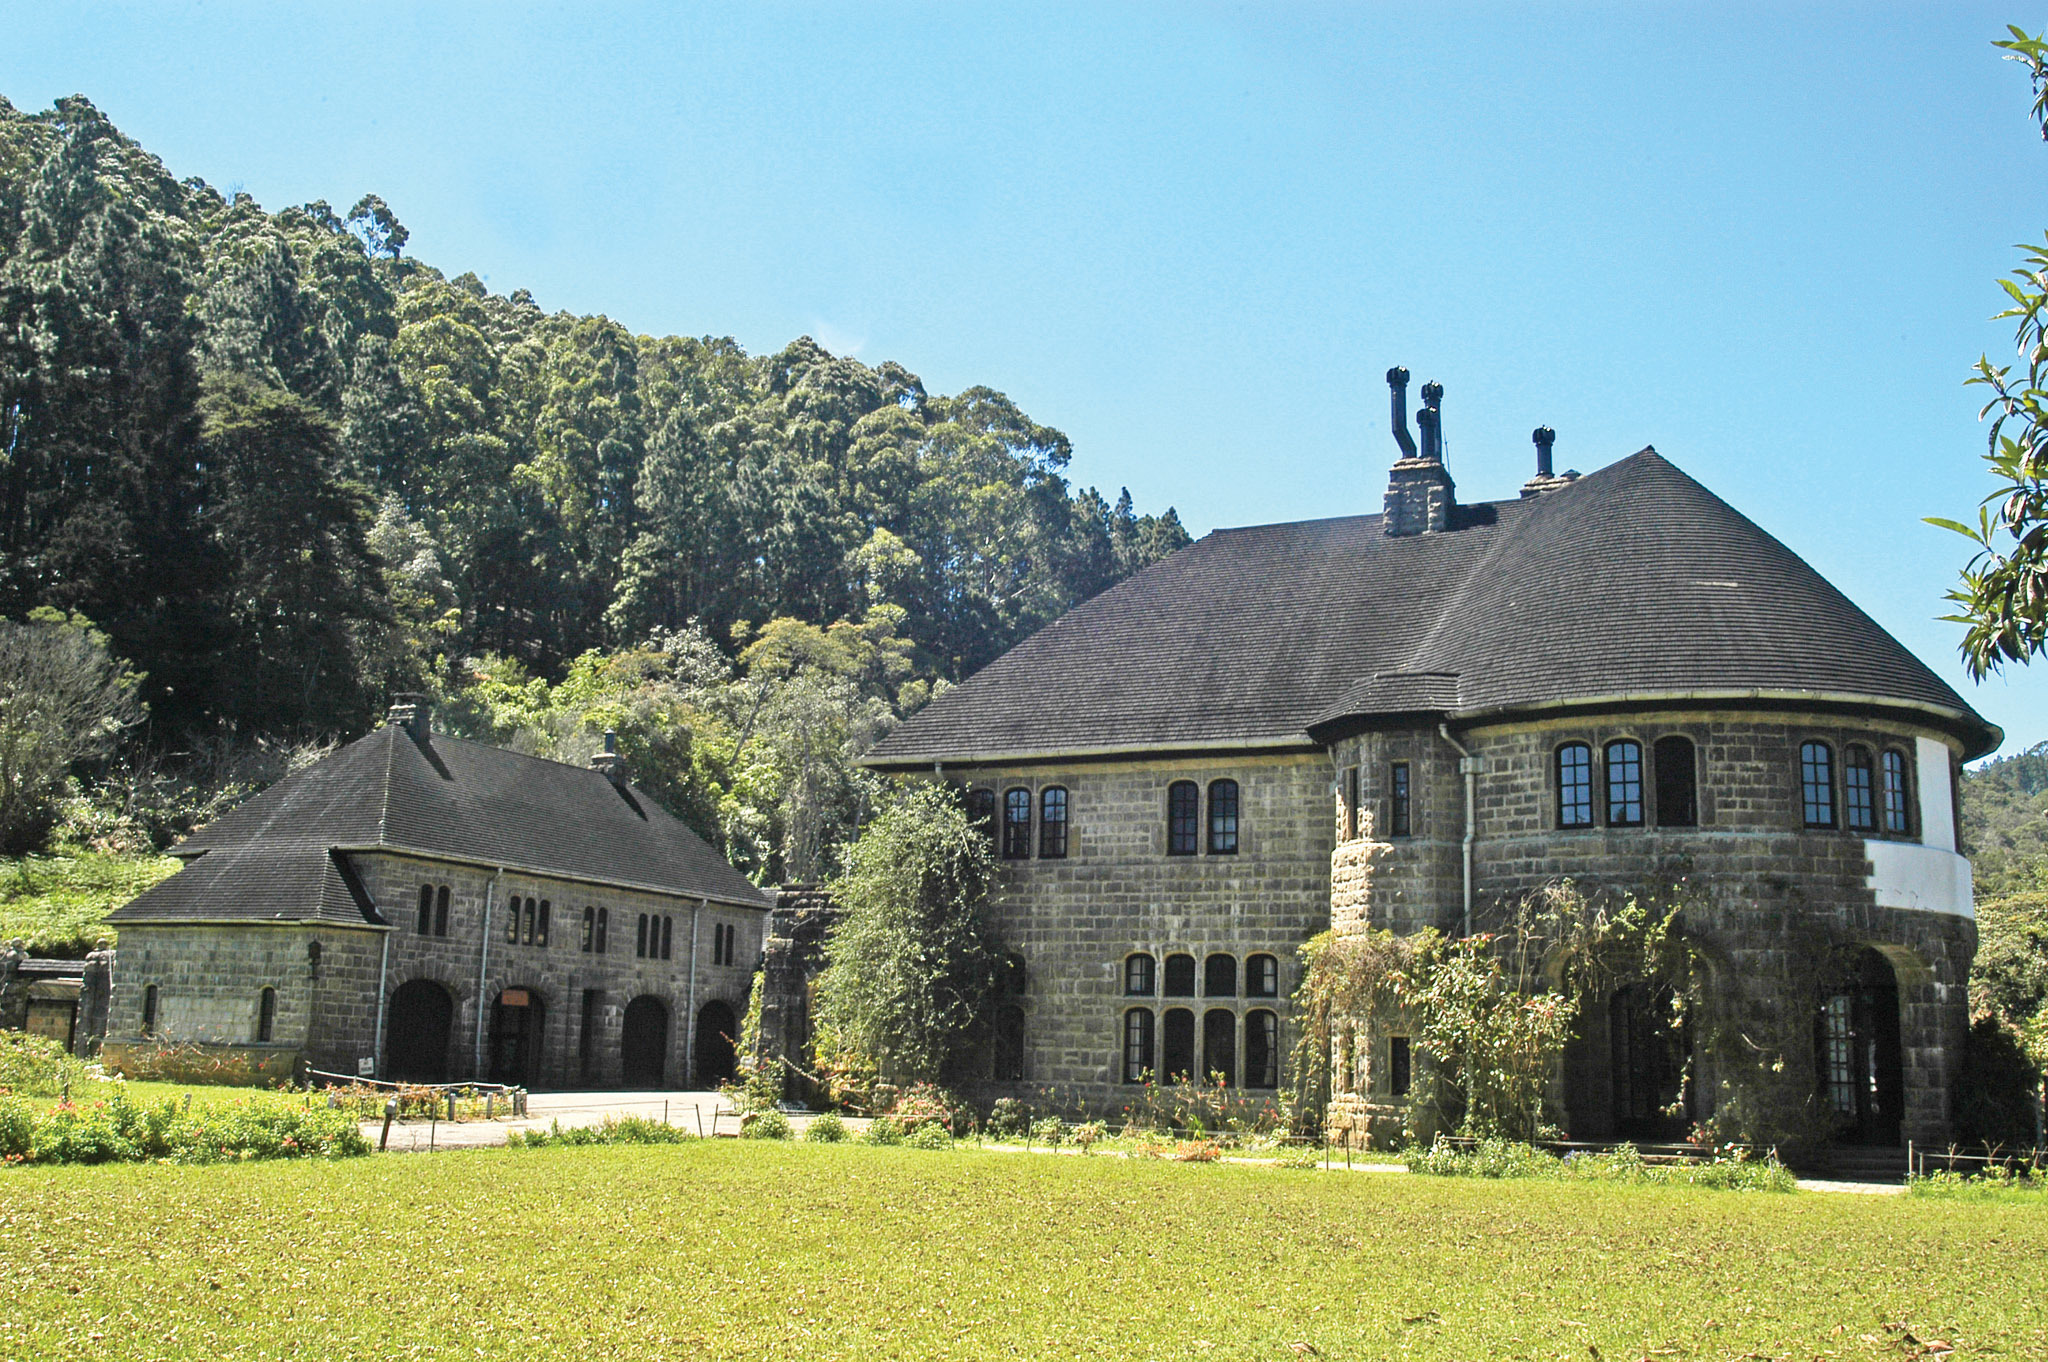 The Tudor style Adisham bungalow